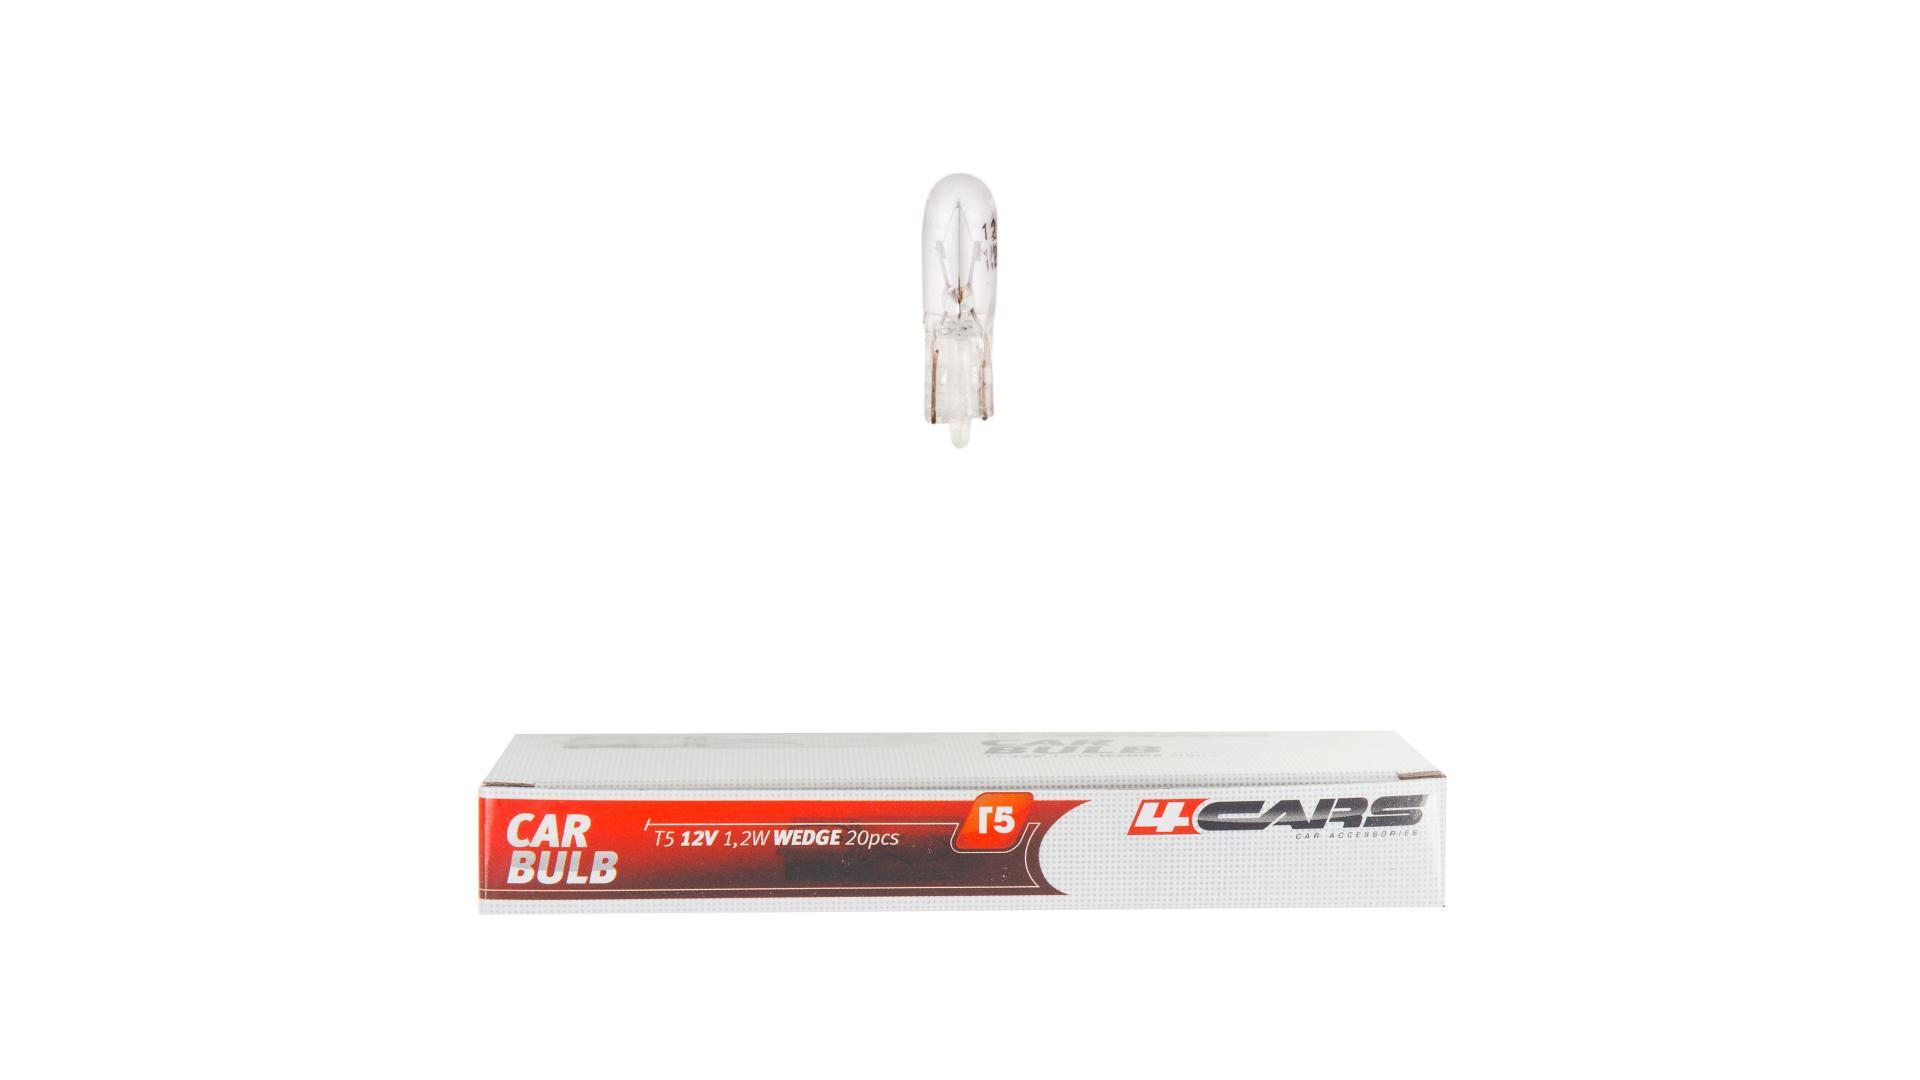 4CARS Žárovka T5 12V 1,2V (20 kusu v balení)